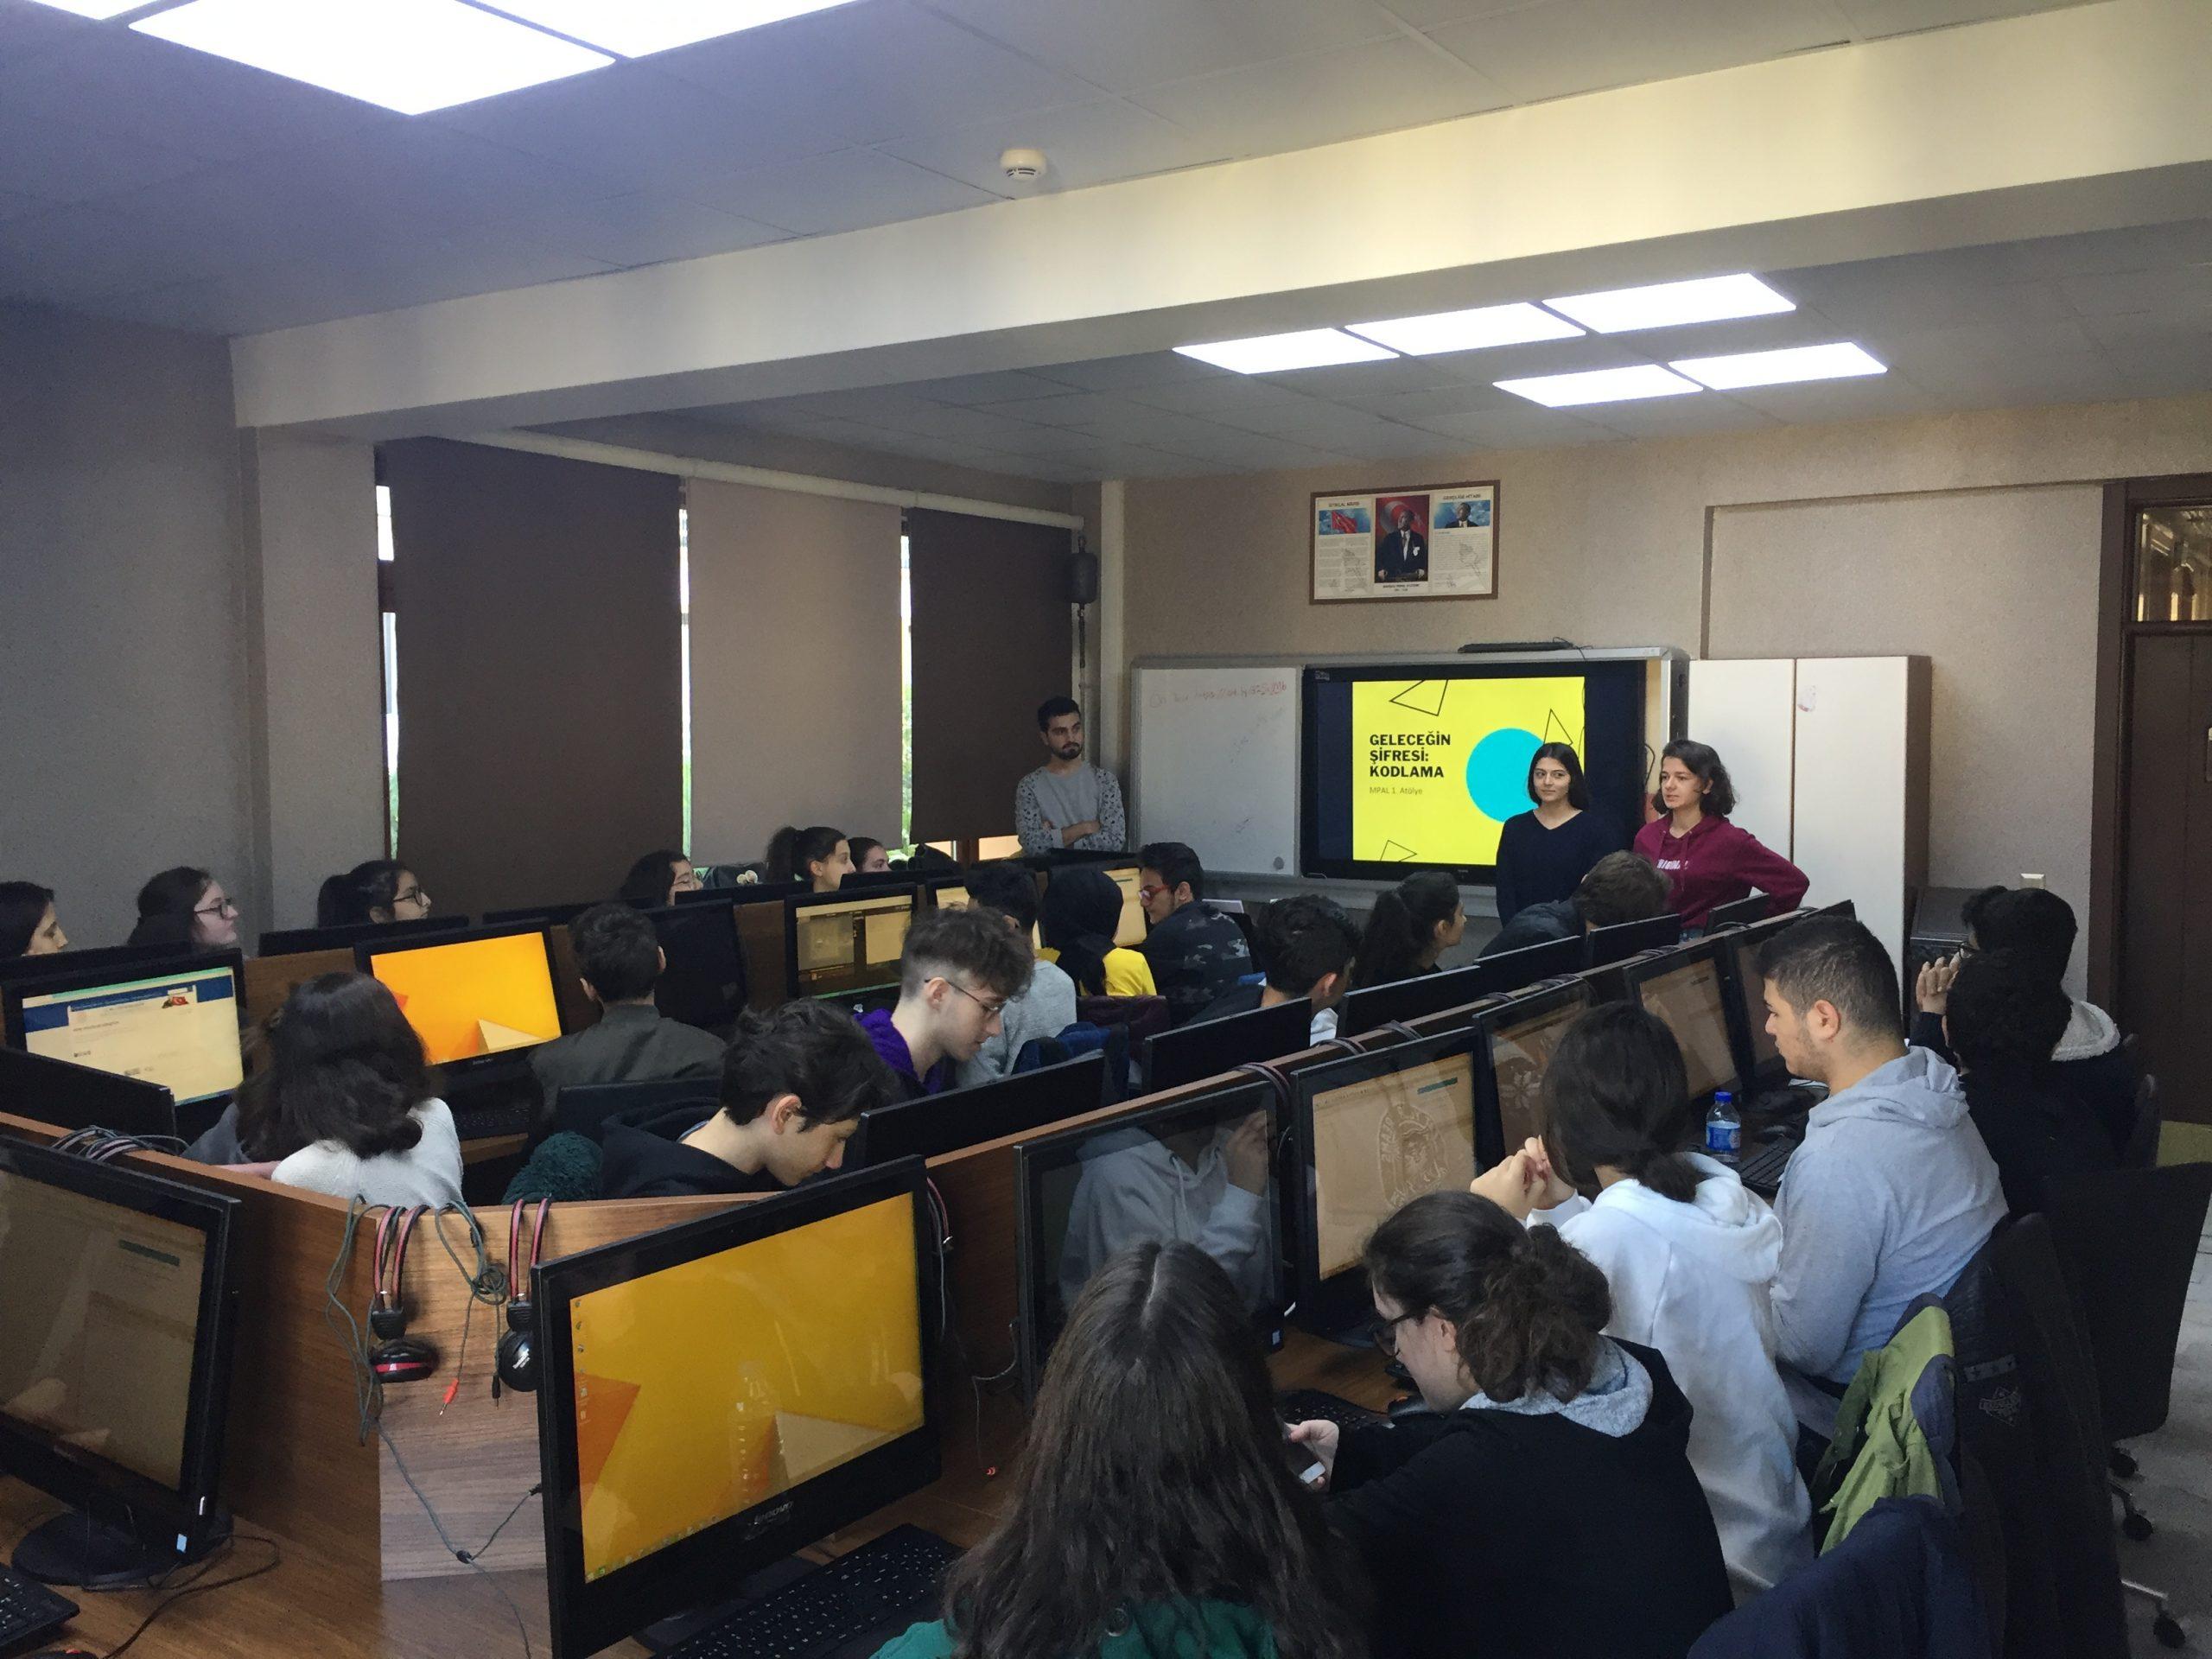 Çelikel Eğitim Vakfı, Liseli Gençleri Kodlama ile Geleceğe Hazırlıyor